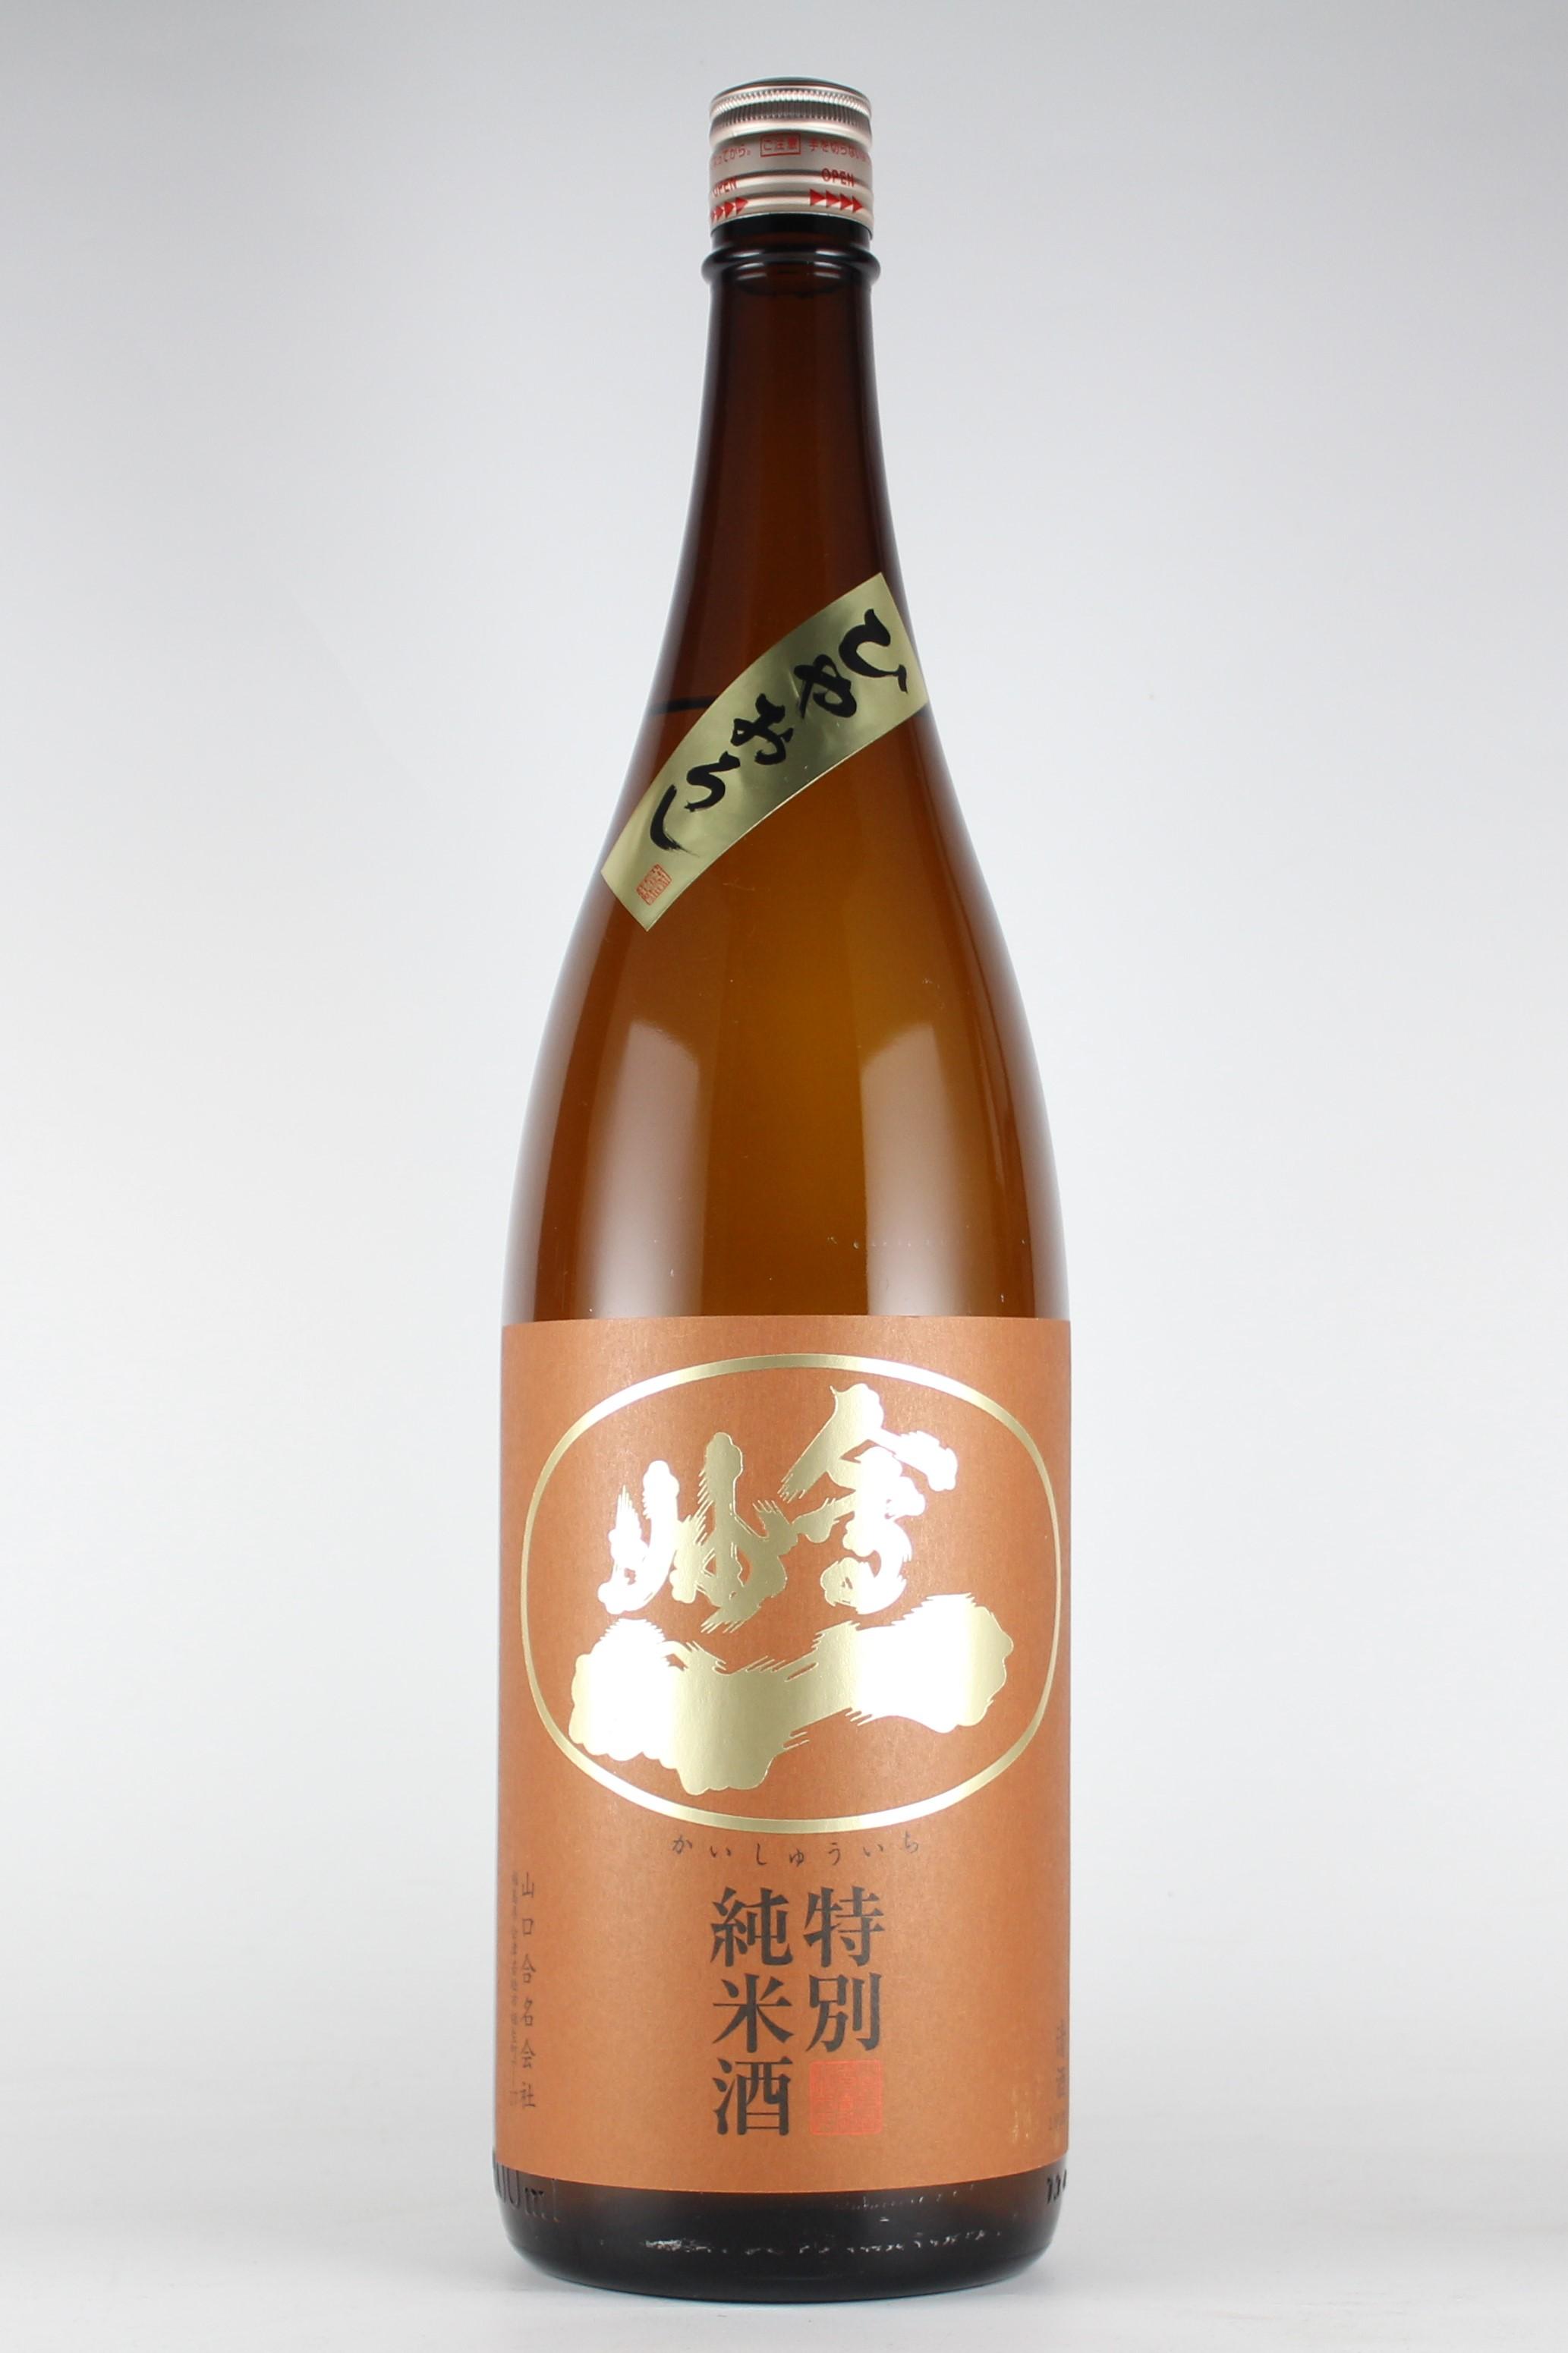 会州一 ひやおろし 特別純米生詰原酒 美山錦 1800ml 【福島/山口合名】